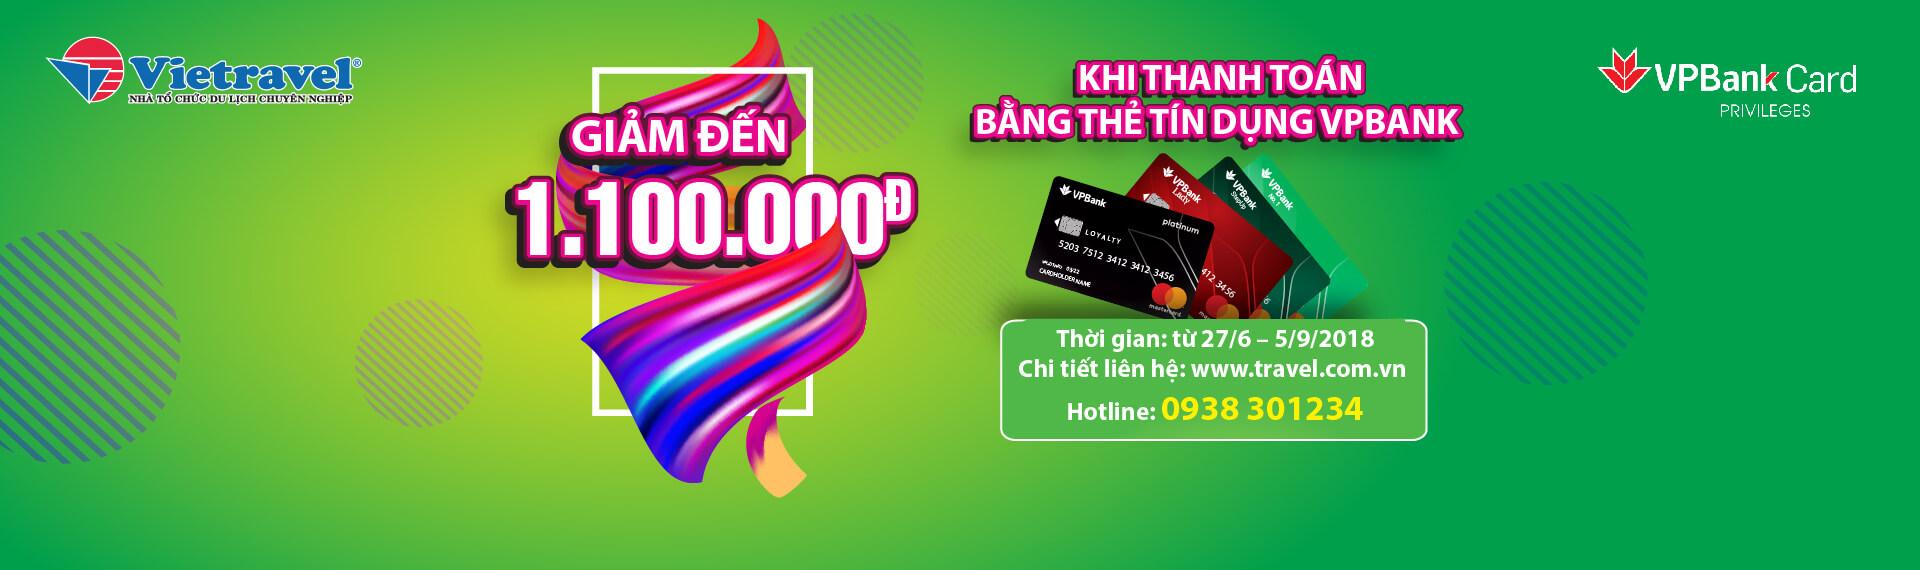 Giảm đến 1.100.000Đ khi thanh toán bằng thẻ tín dụng VPBANK